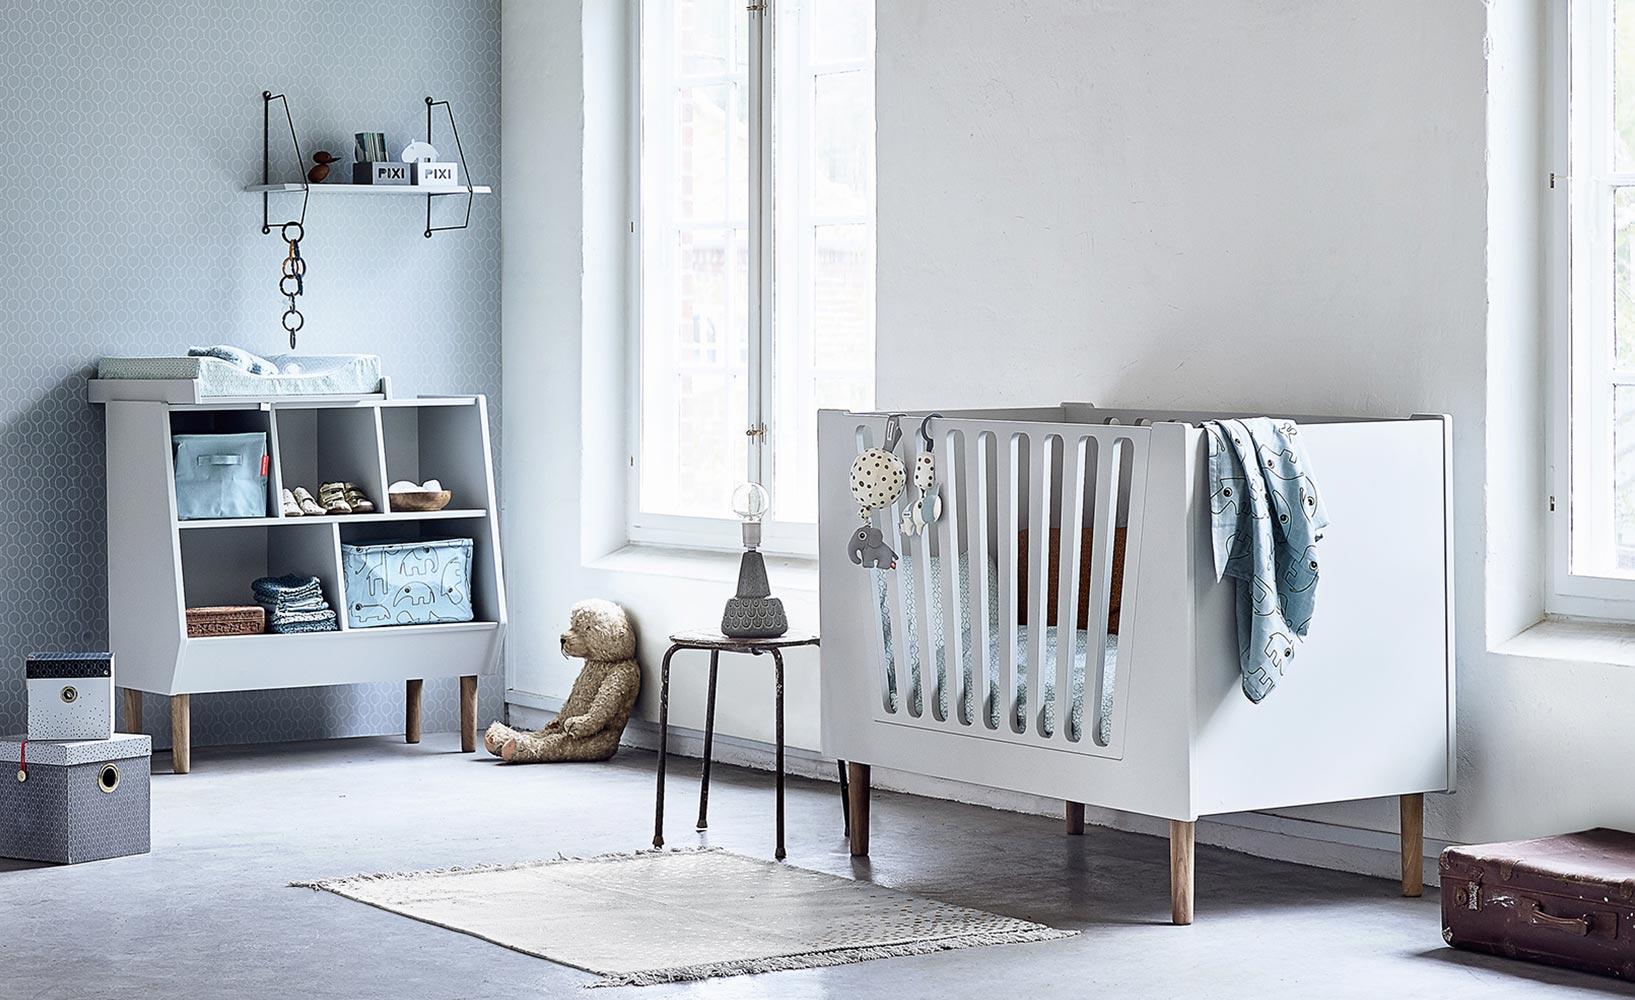 Die Grundausstattung im Babyzimmer